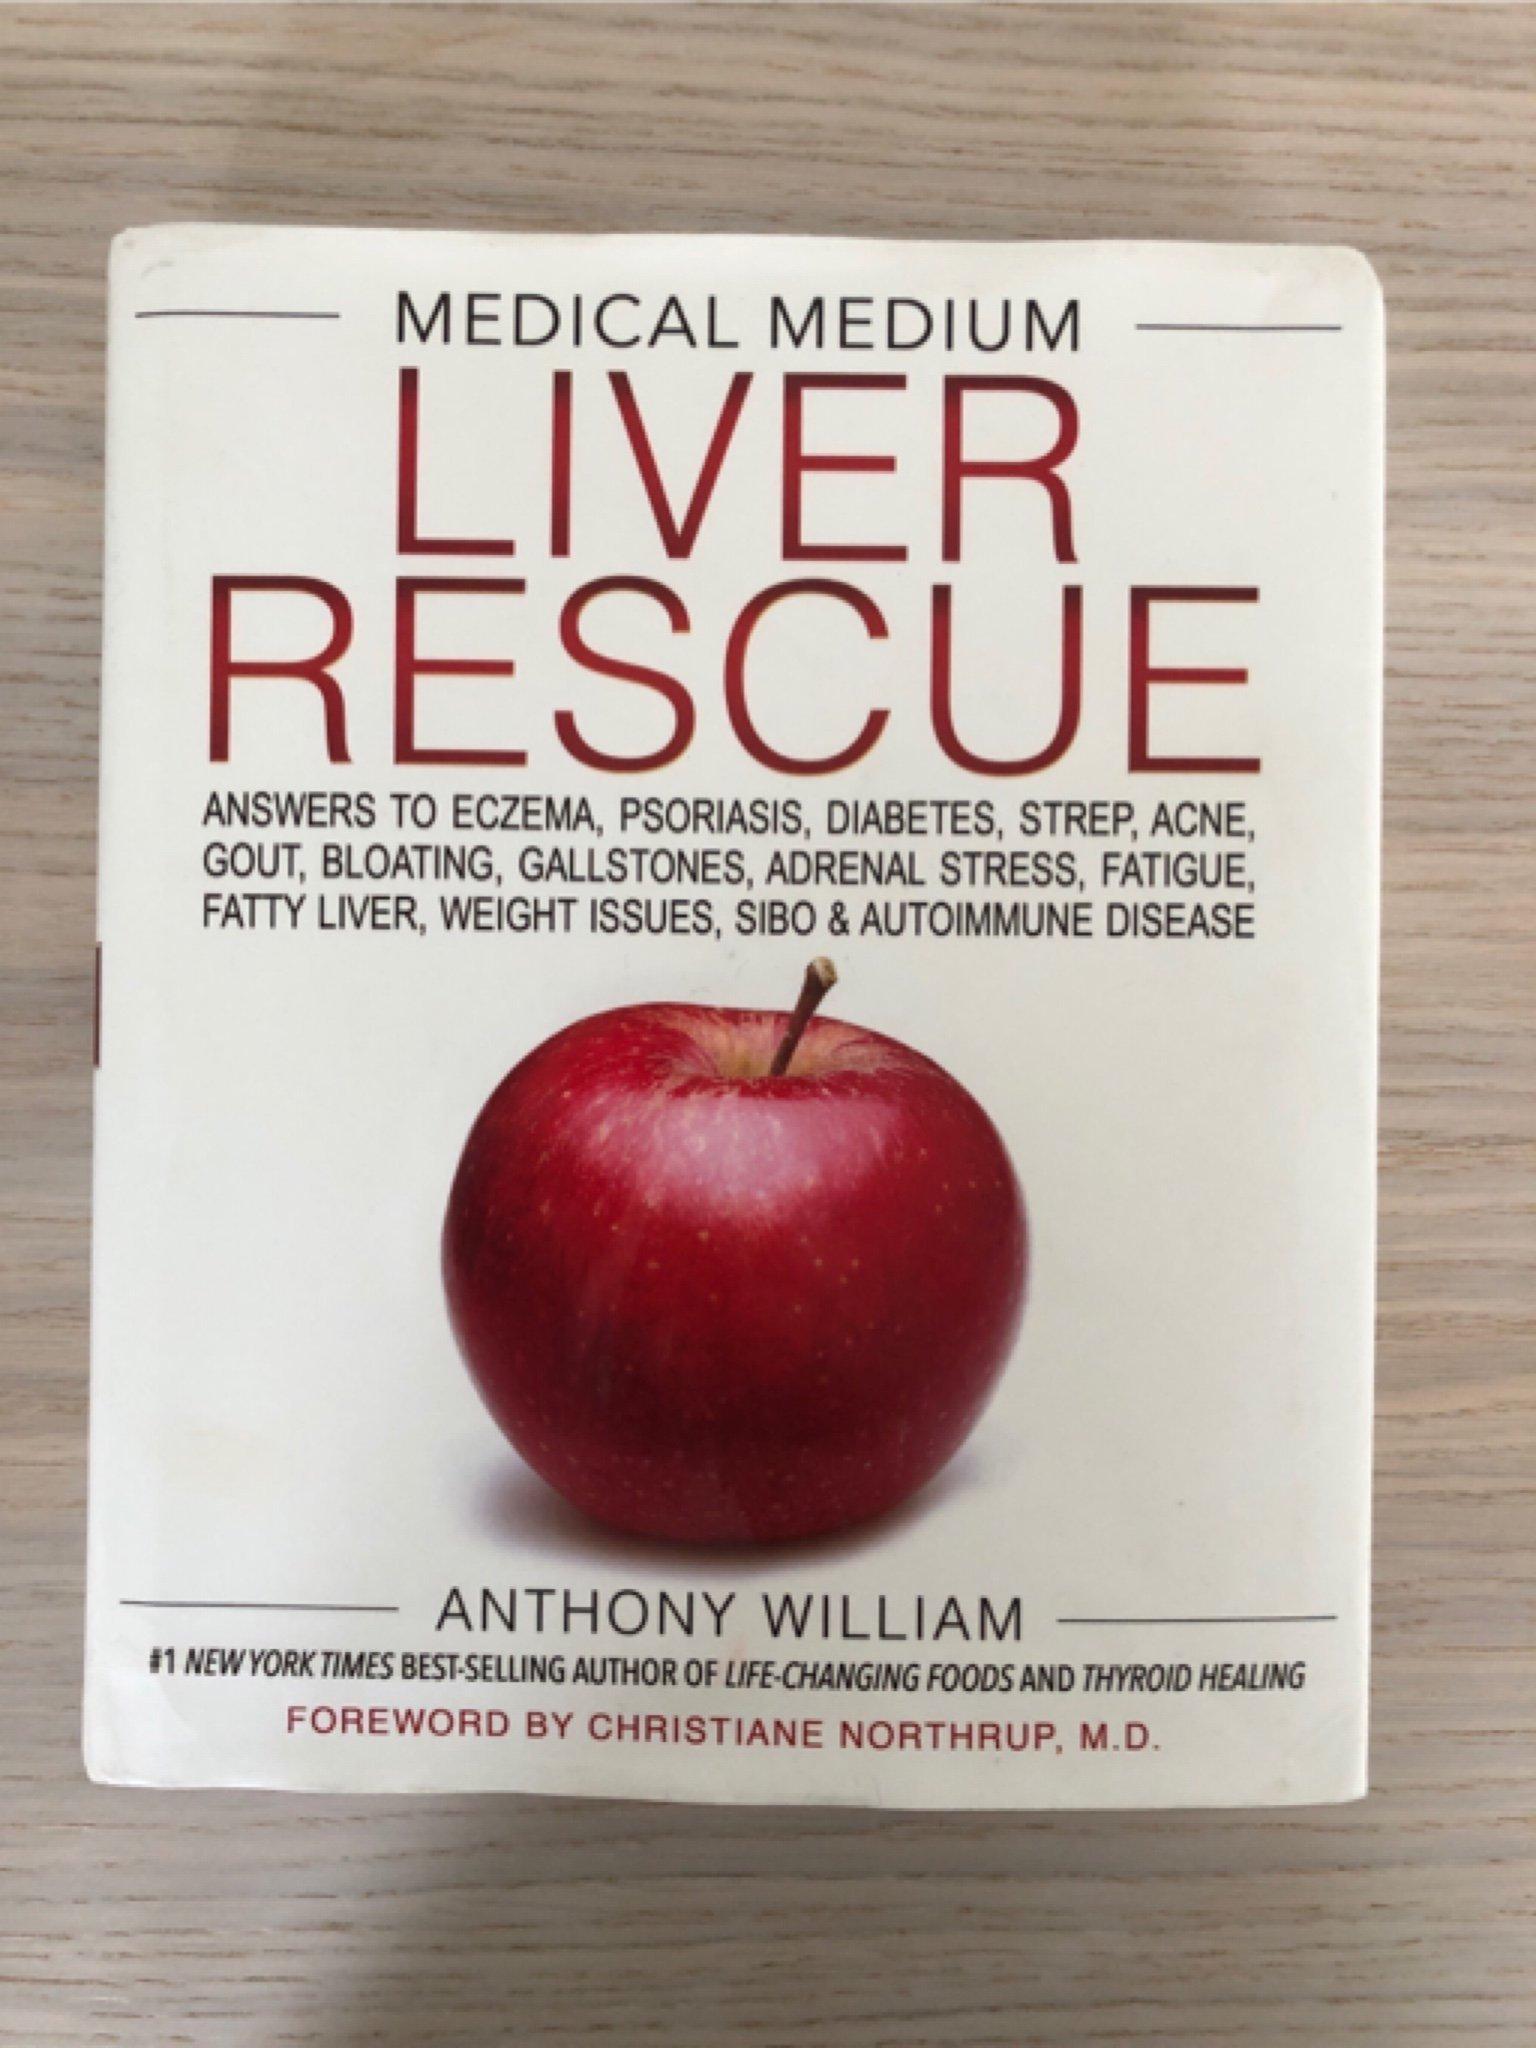 Liver rescue medical medium bok (354652375) ᐈ Köp på Tradera